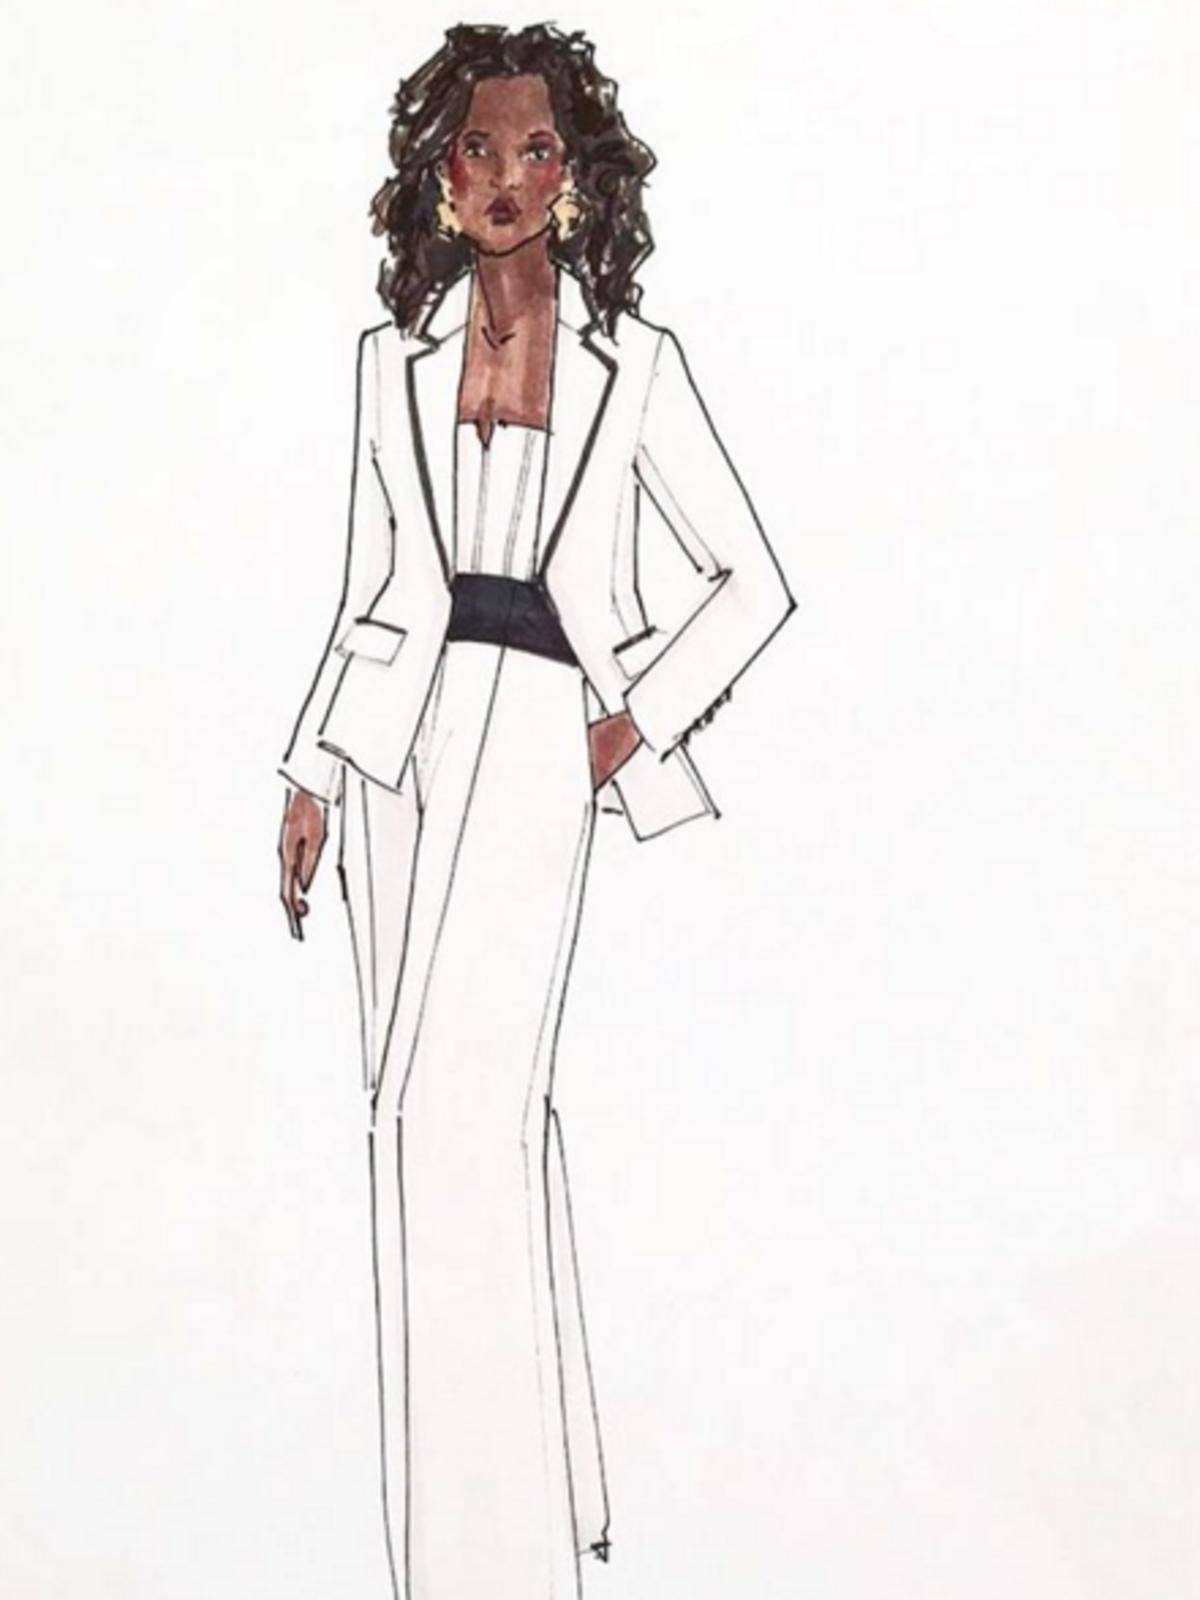 Sketch of Oprah Winfrey pantsuit designed by Elizabeth Kennedy